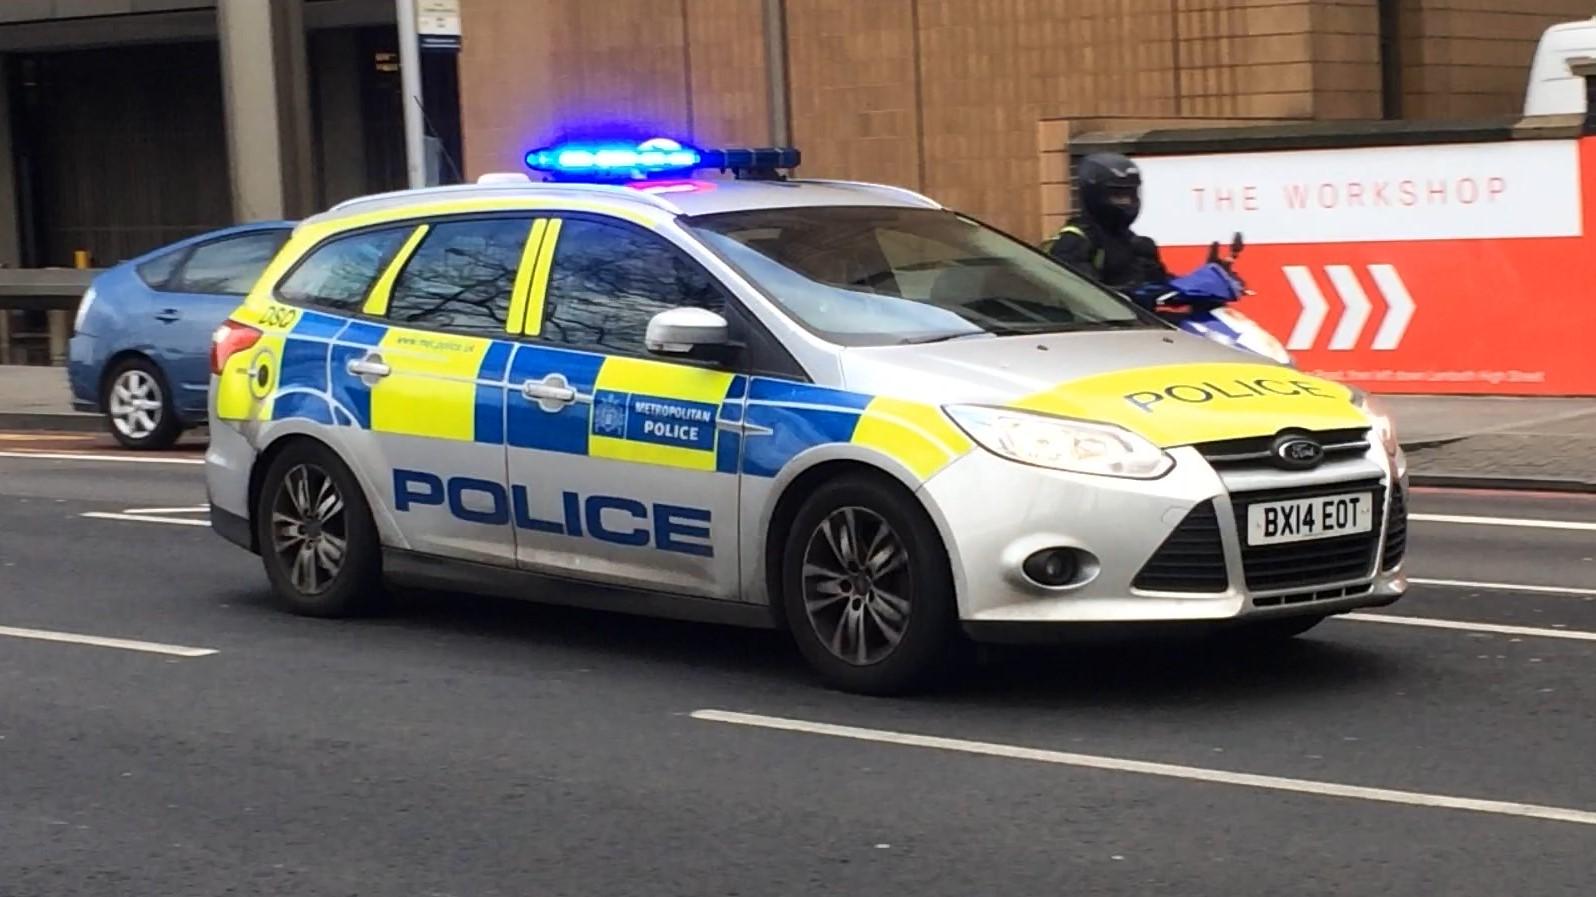 Met_Police_Response_Car.jpg